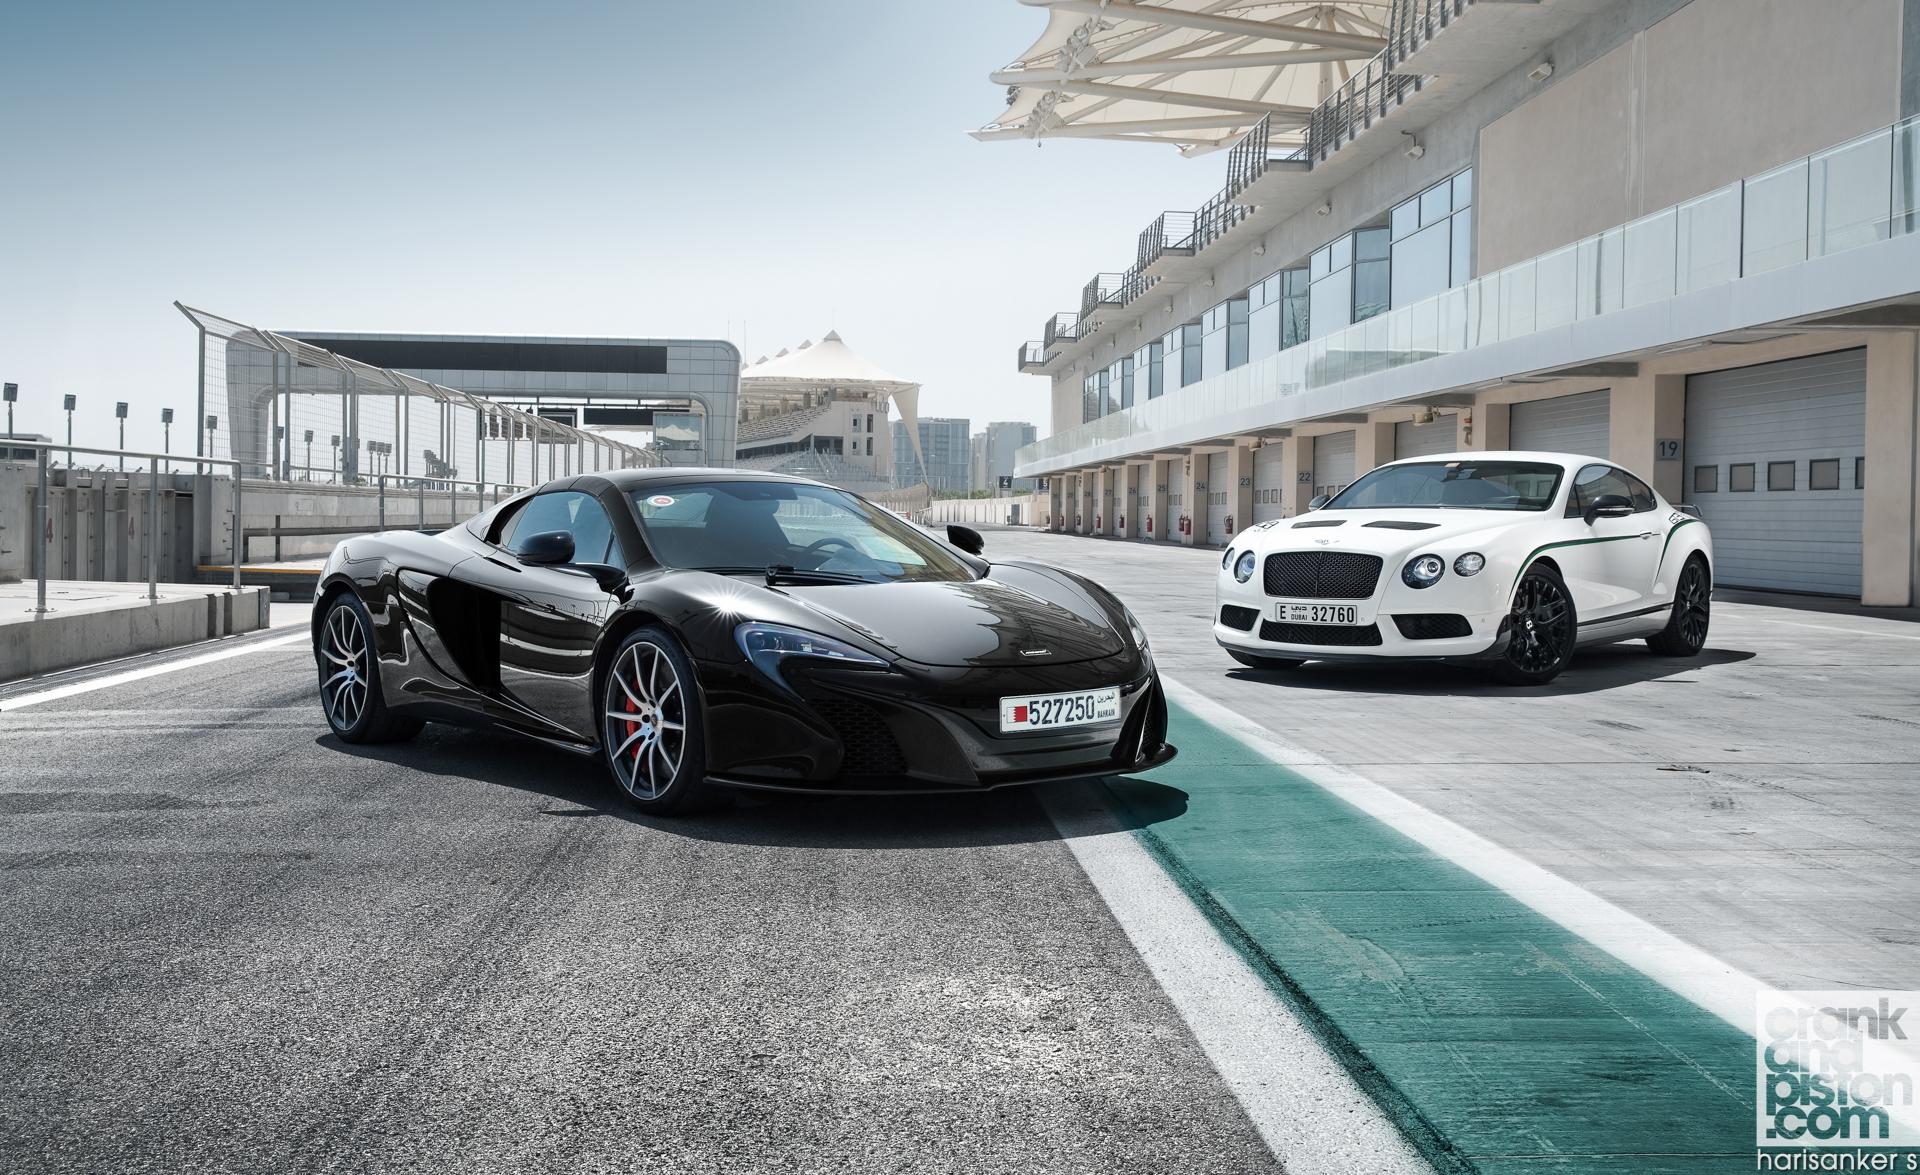 Bentley-Continental-GT3-R-vs-McLaren-650S-Spider-Wallpapers-1